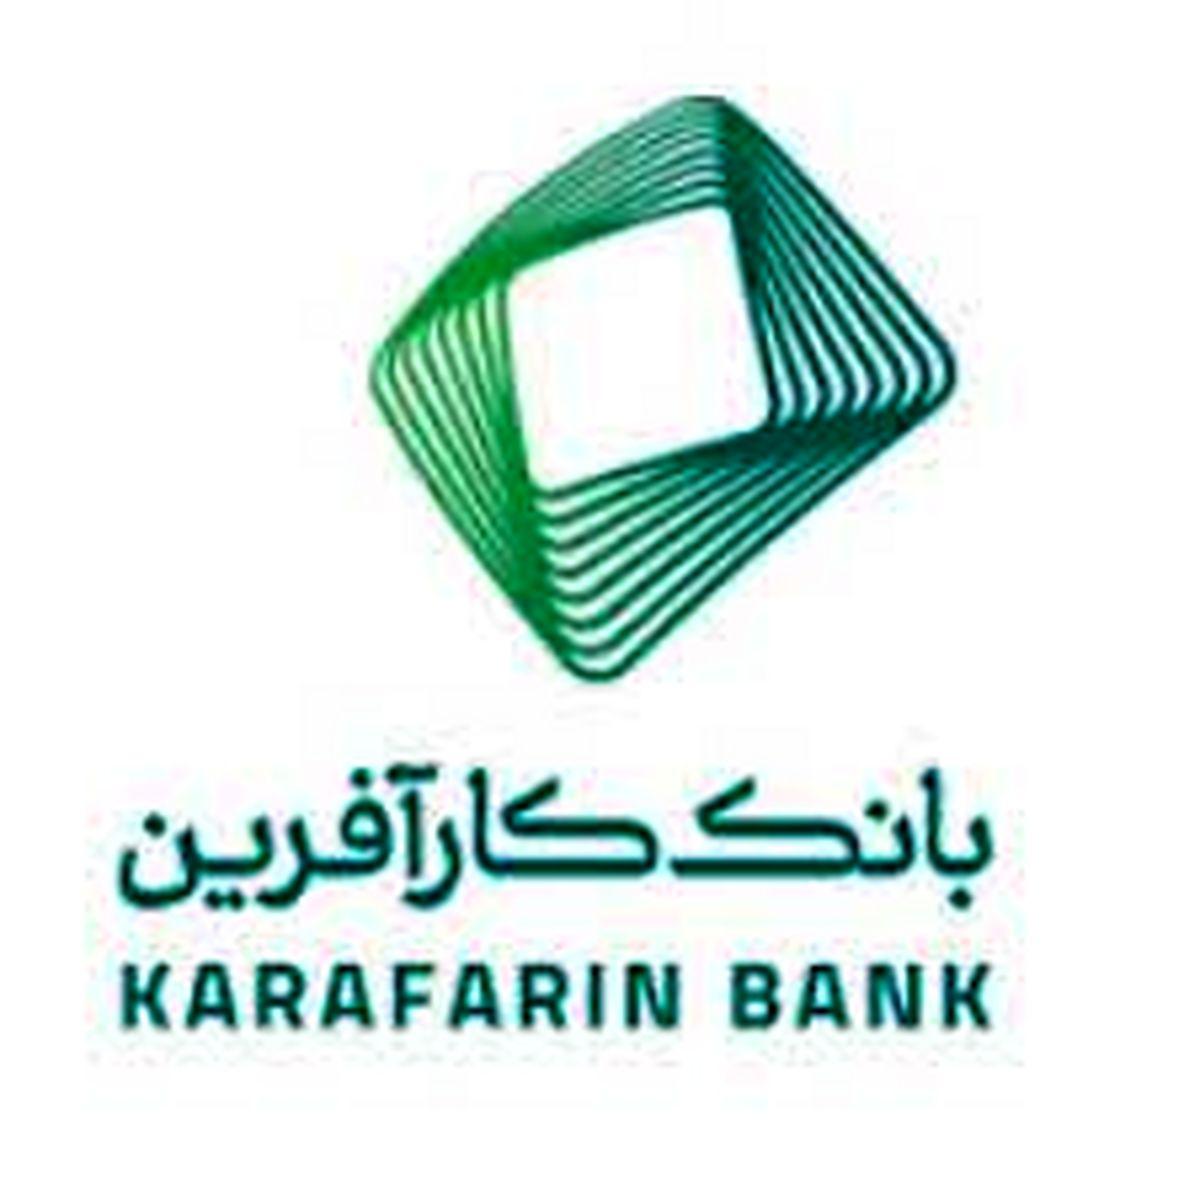 برگزاری مجمع عمومی عادی سالانه صاحبان سهام بانک کارآفرین